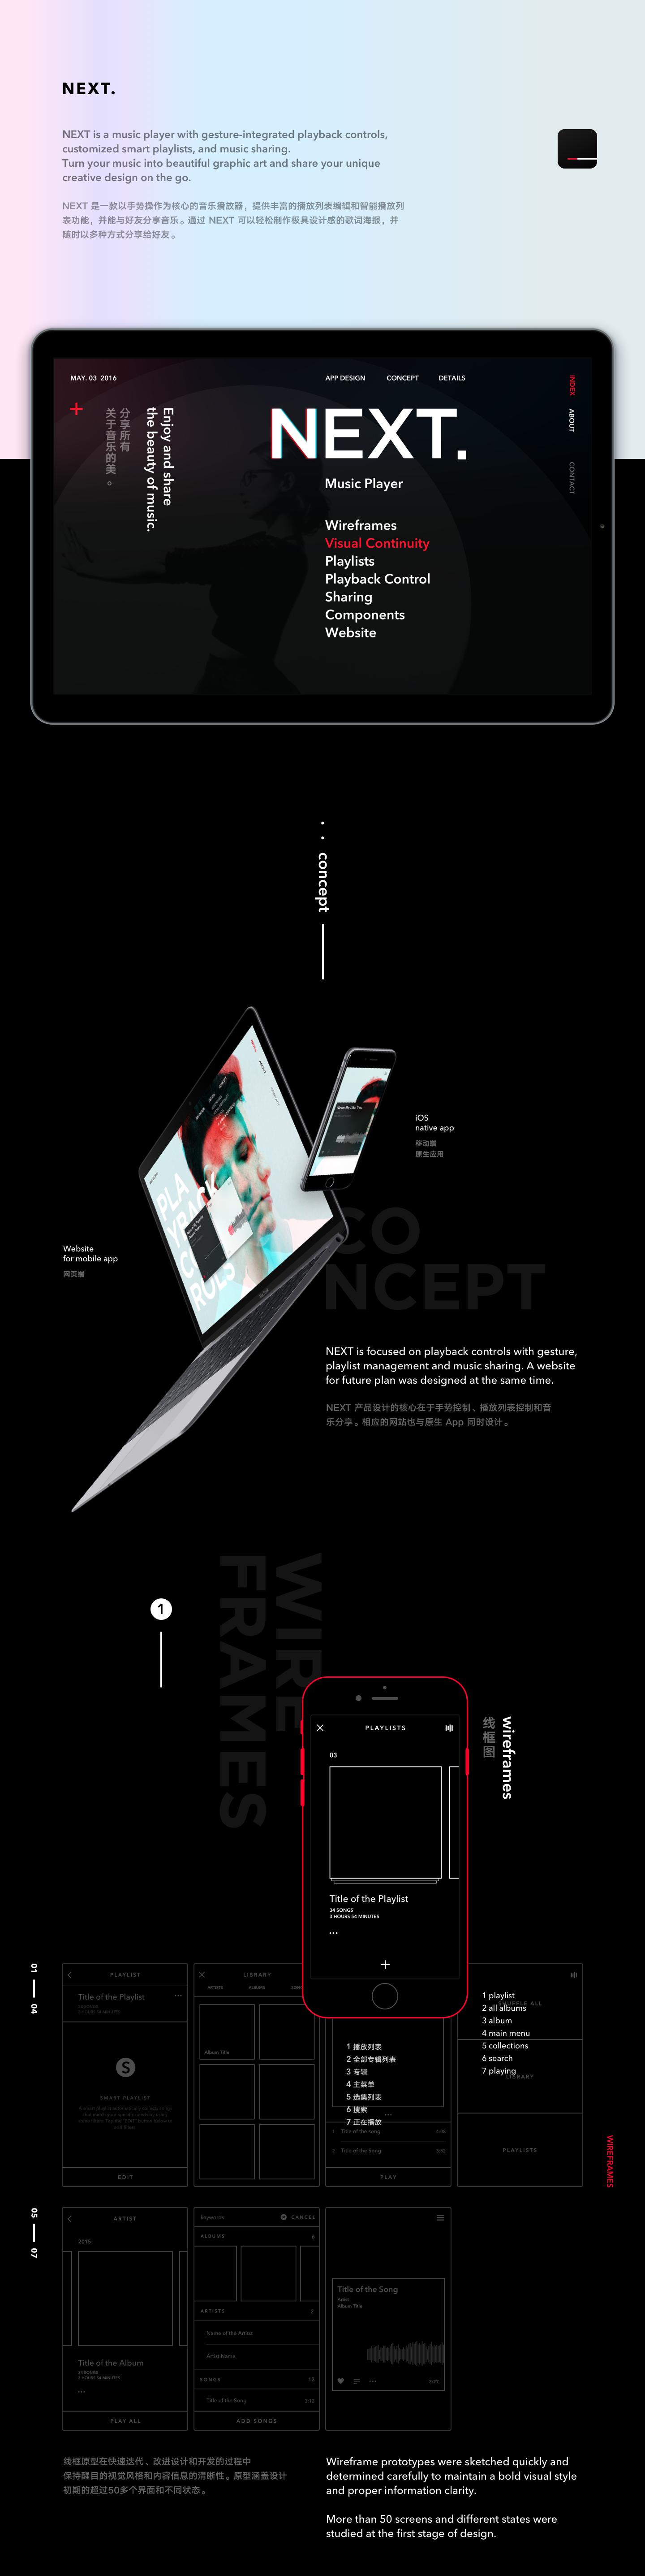 查看《NEXT Music Player - App Design》原图,原图尺寸:1440x5747